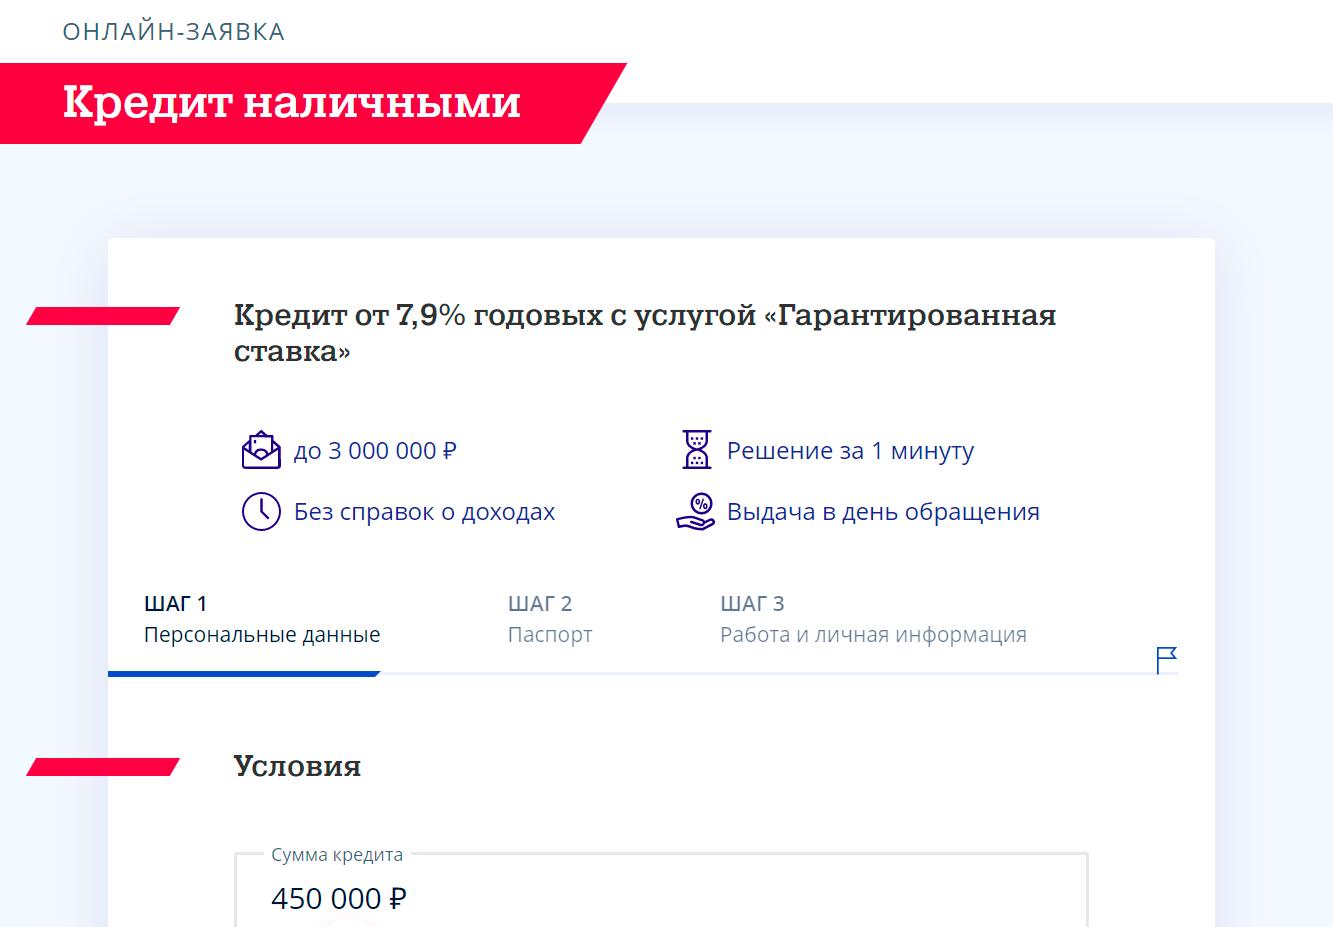 оформить ипотеку в почта банке онлайн заявка